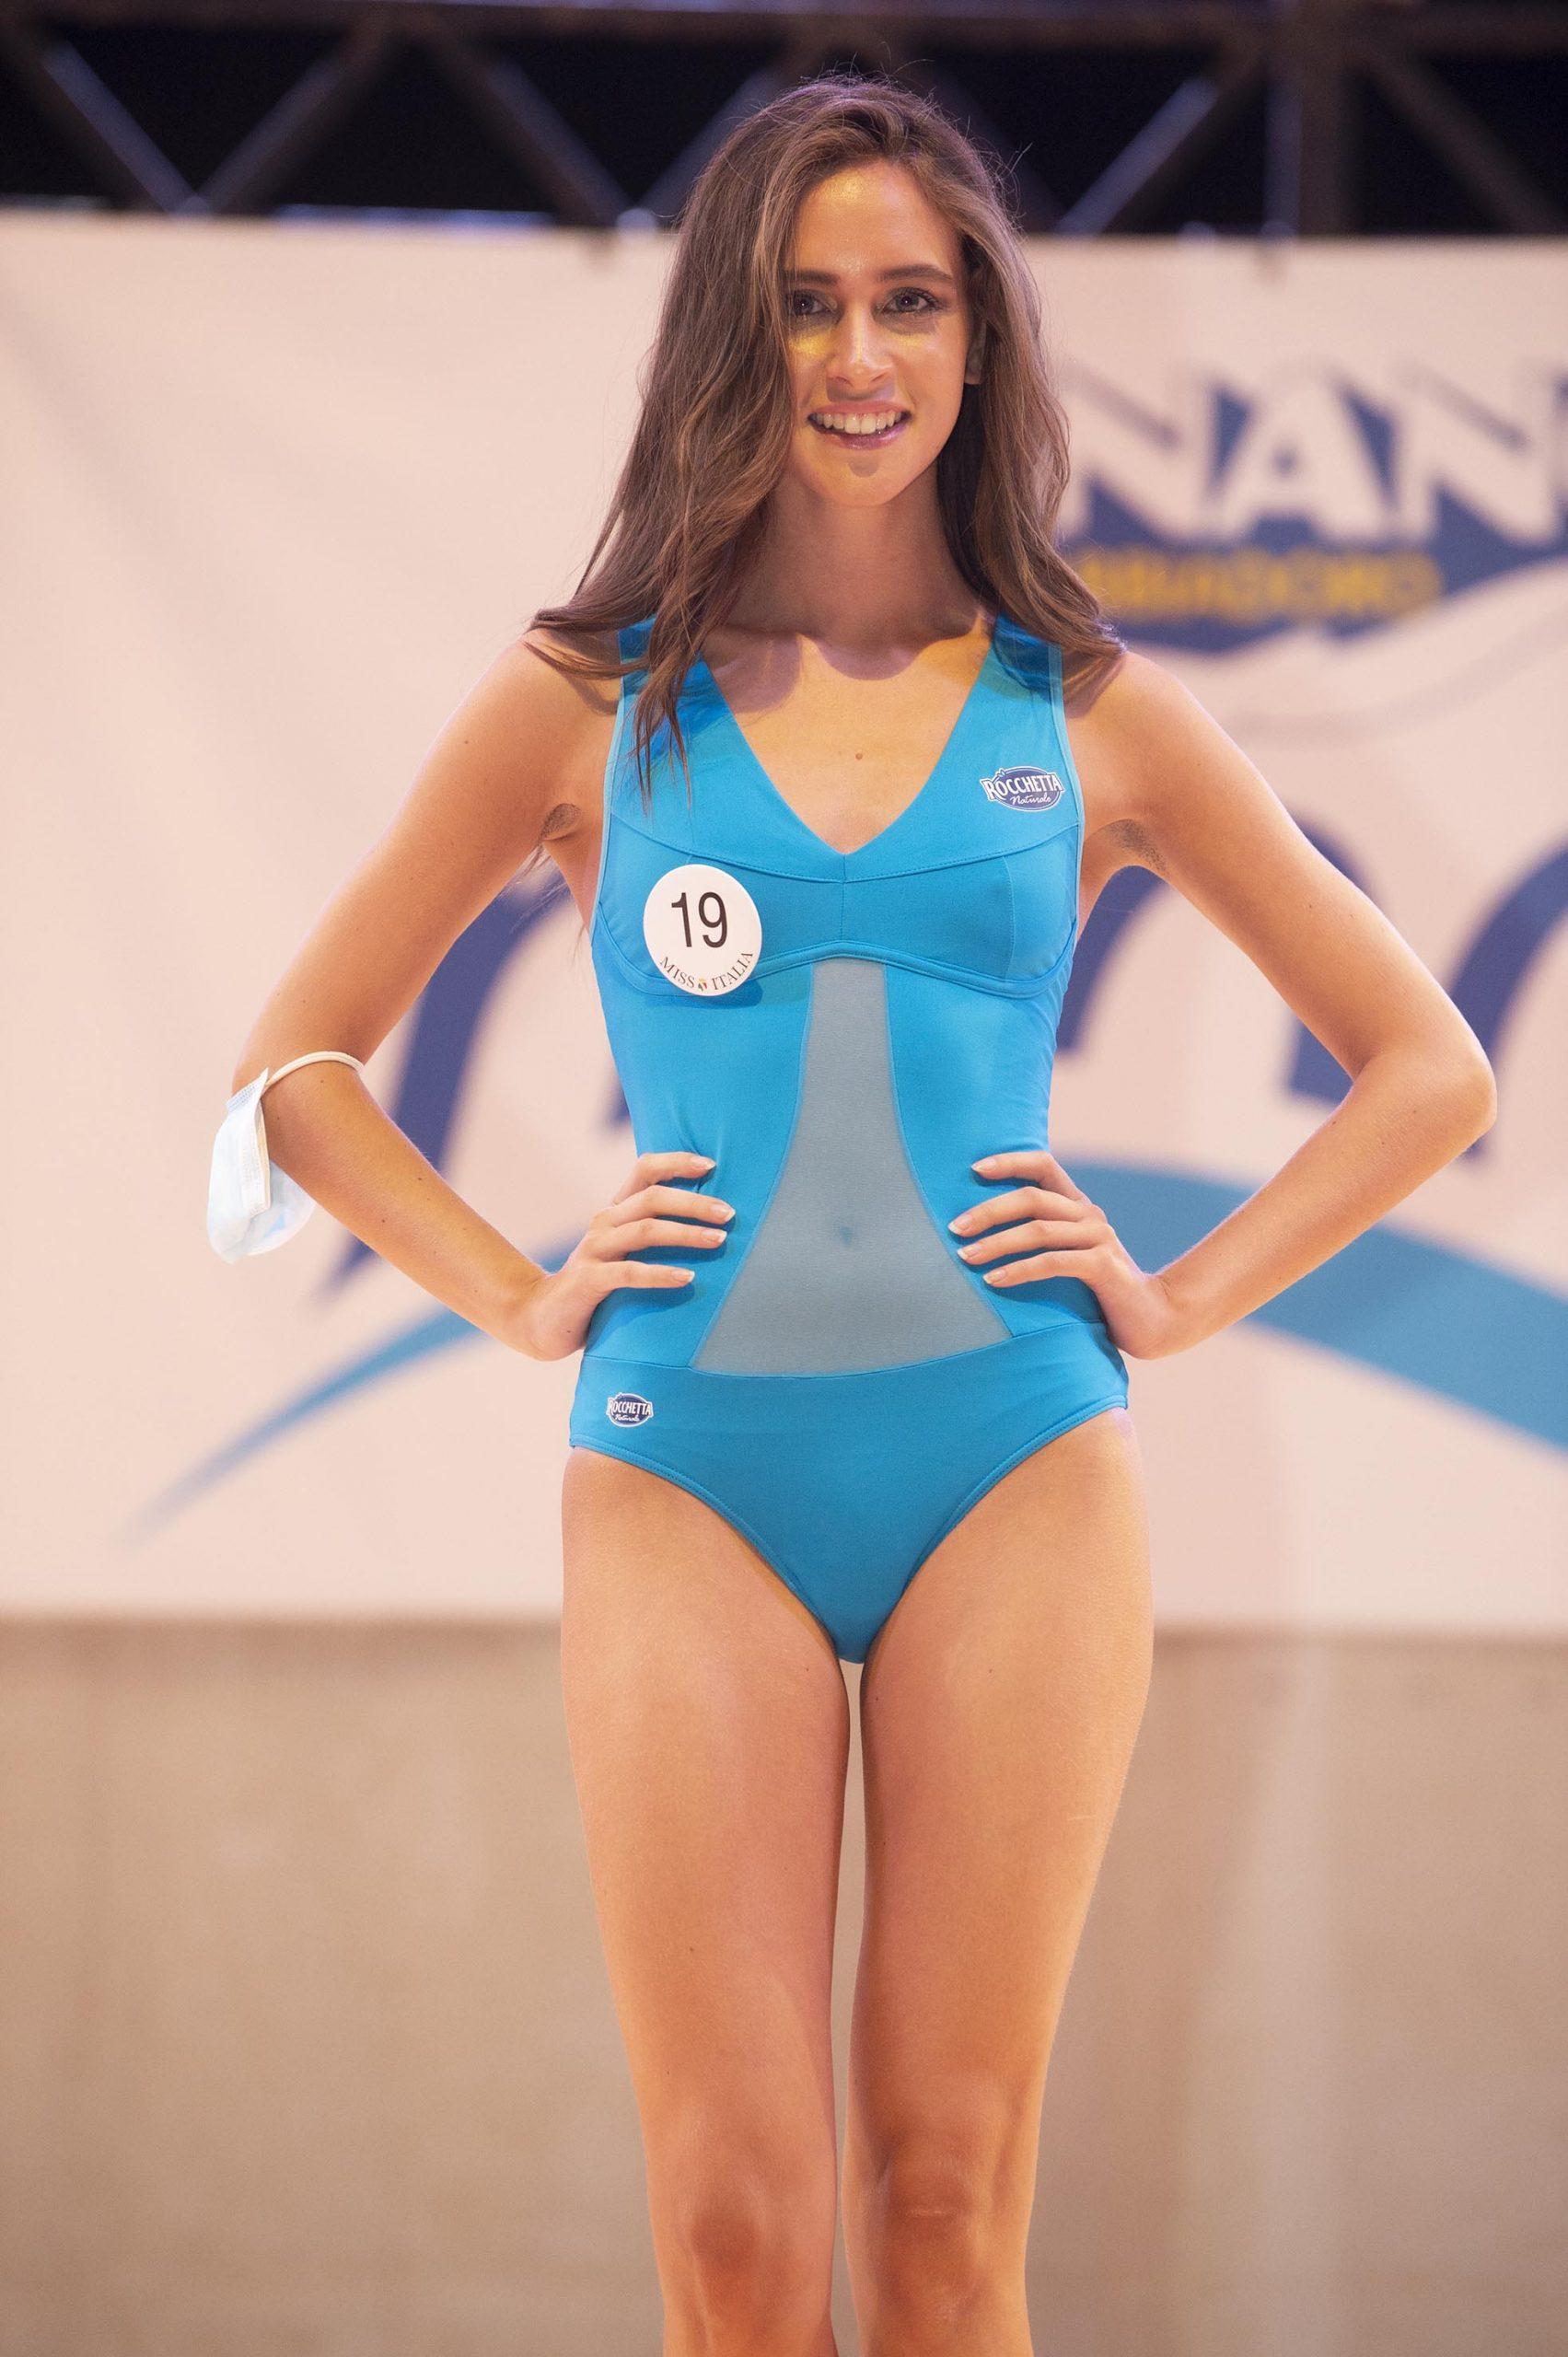 Erika Rebbelato - Miss Sport Friuli Venezia Giulia 4